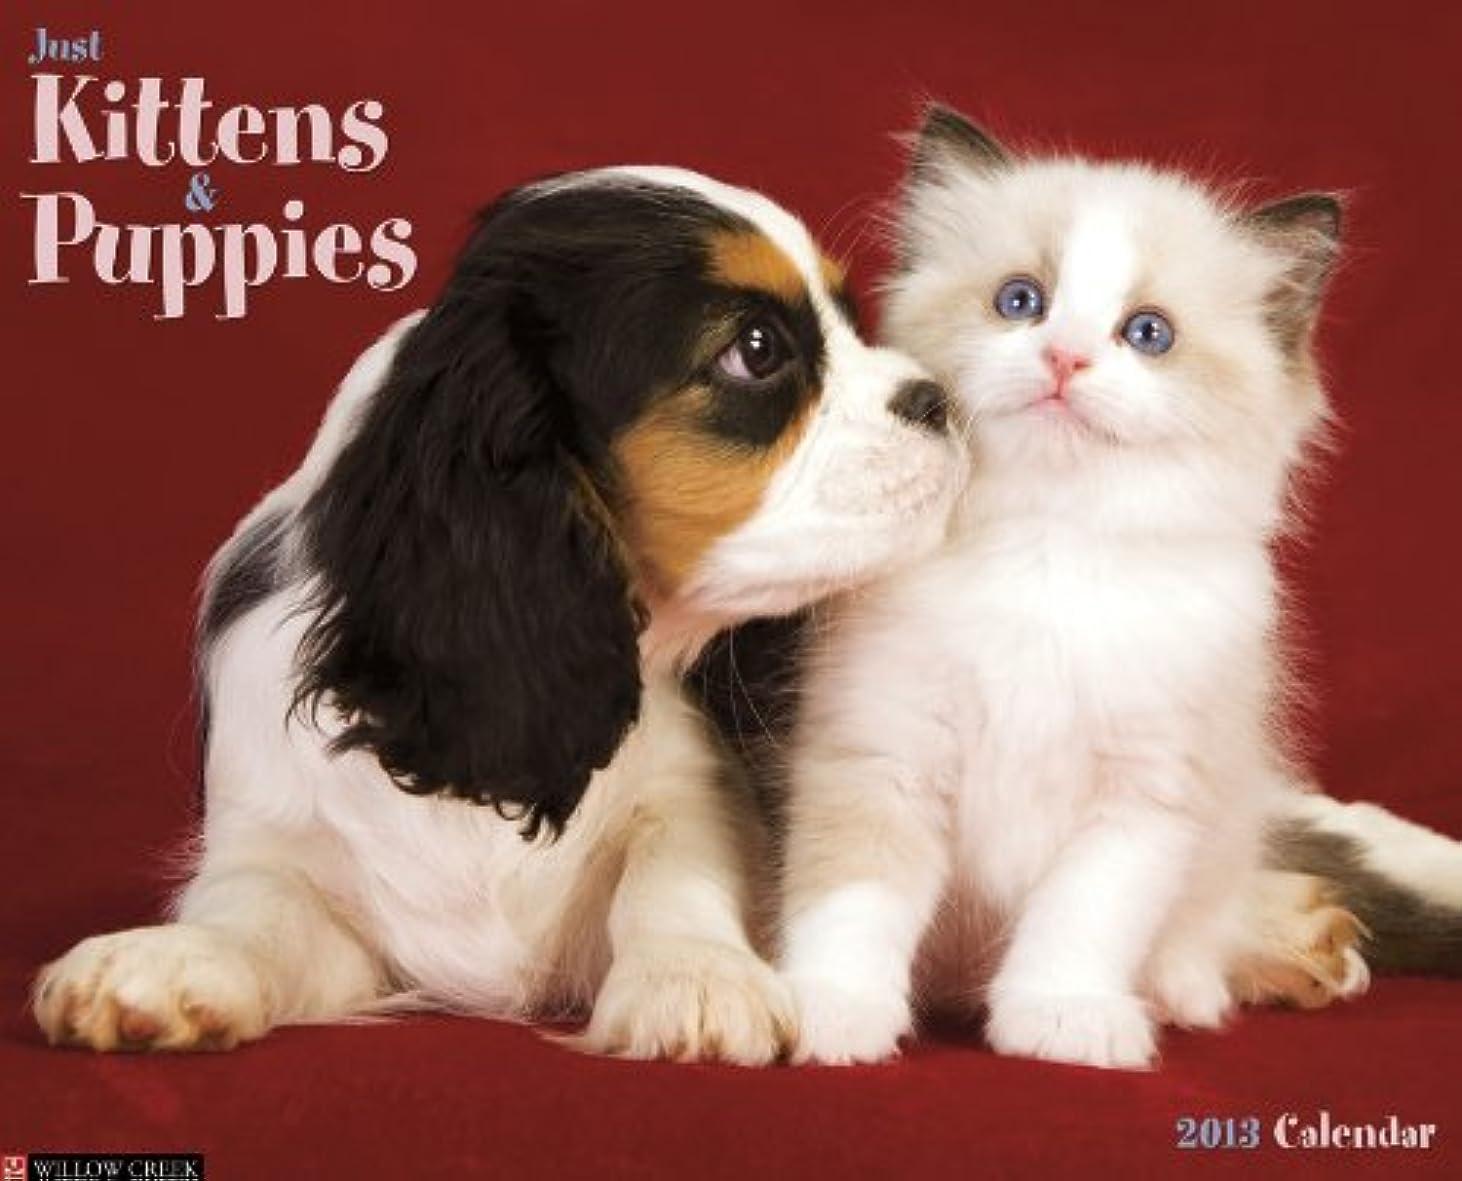 収縮以前はそこKittens & Puppies 2013 Wall Calendar